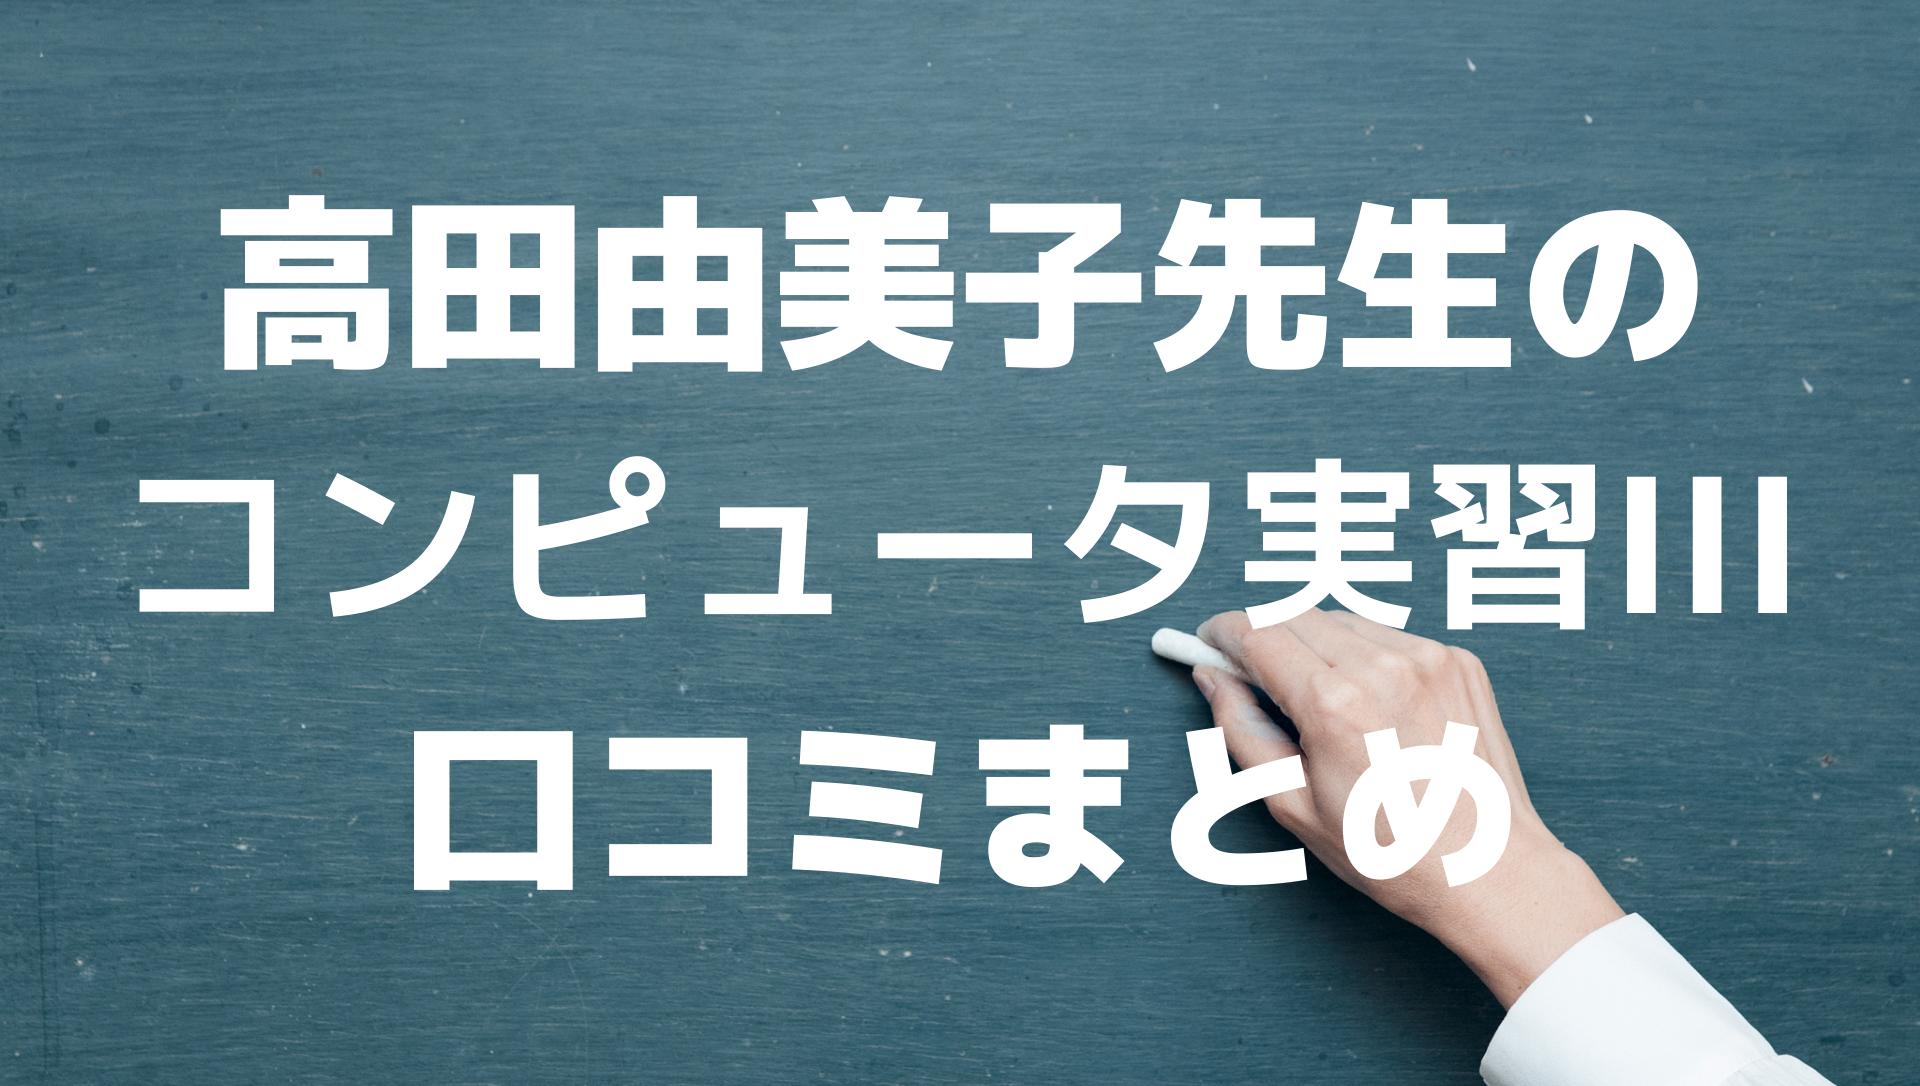 高田由美子先生のコンピュータ実習III